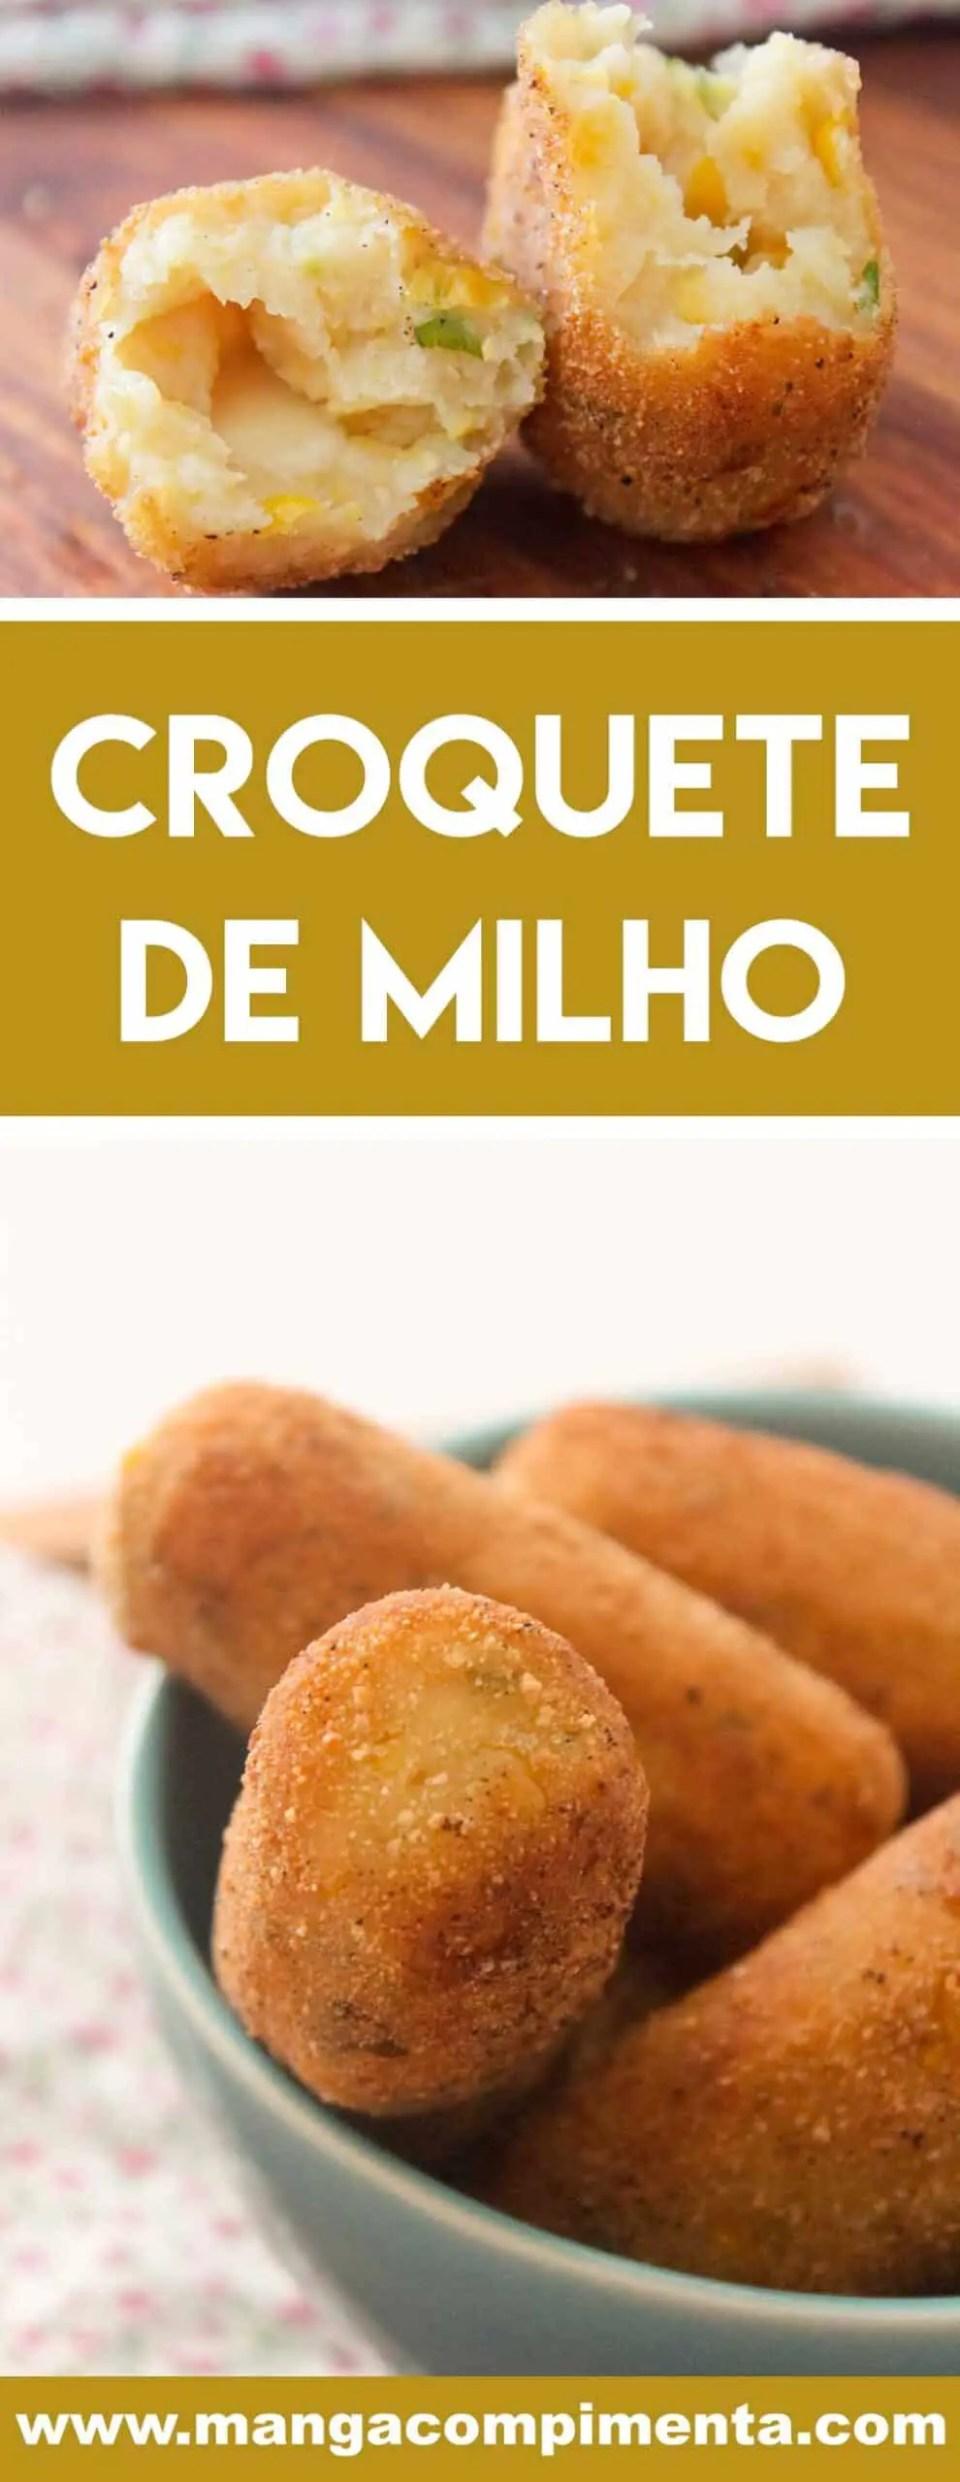 Receita de Croquete de Milho - prepare um petisco e sirva com aquela bebida geladinha!